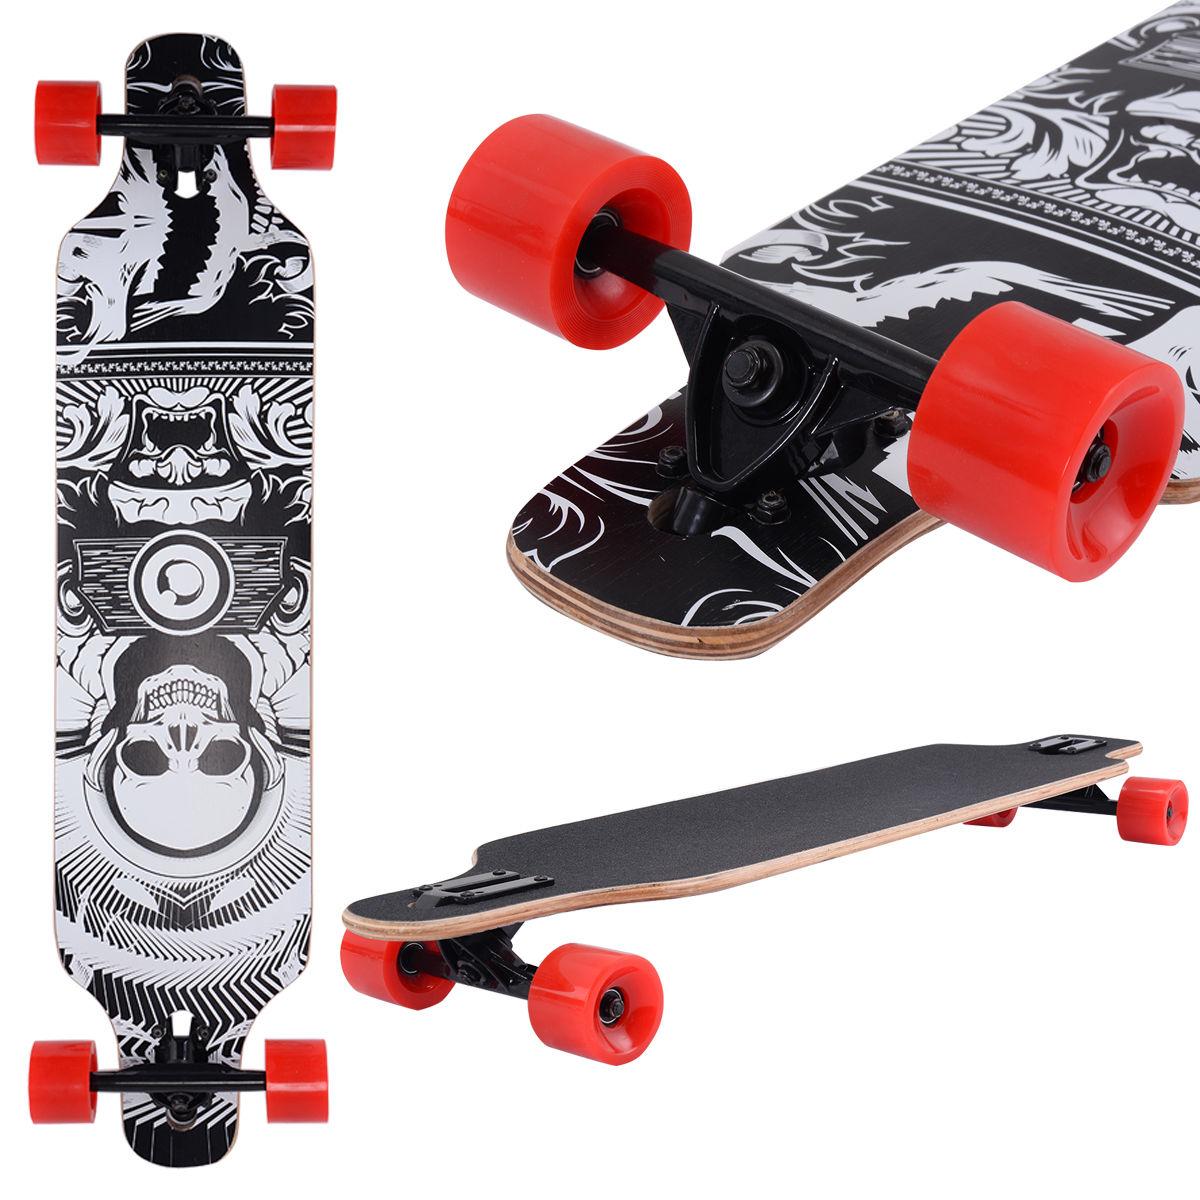 Costway 41''Maple Wood Deck Complete Skateboard Downhill Cruiser Longboard Wheels by Costway